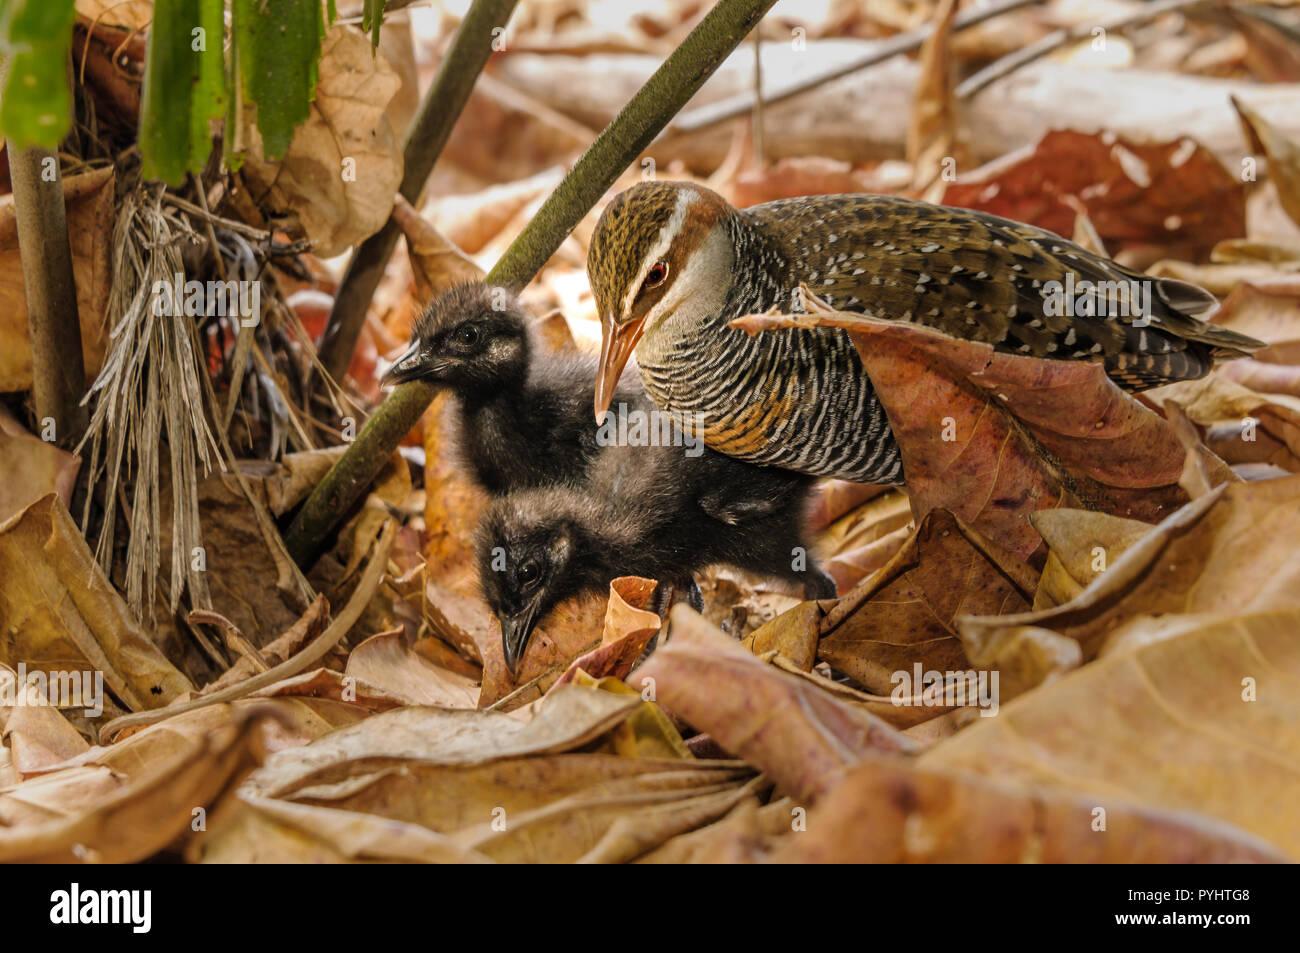 Buff-banded Rail mère, sur une île du Pacifique, l'exploration et à l'alimentation par la litière de feuilles avec l'habitat sa couvée des nouveau-nés. Photo Stock